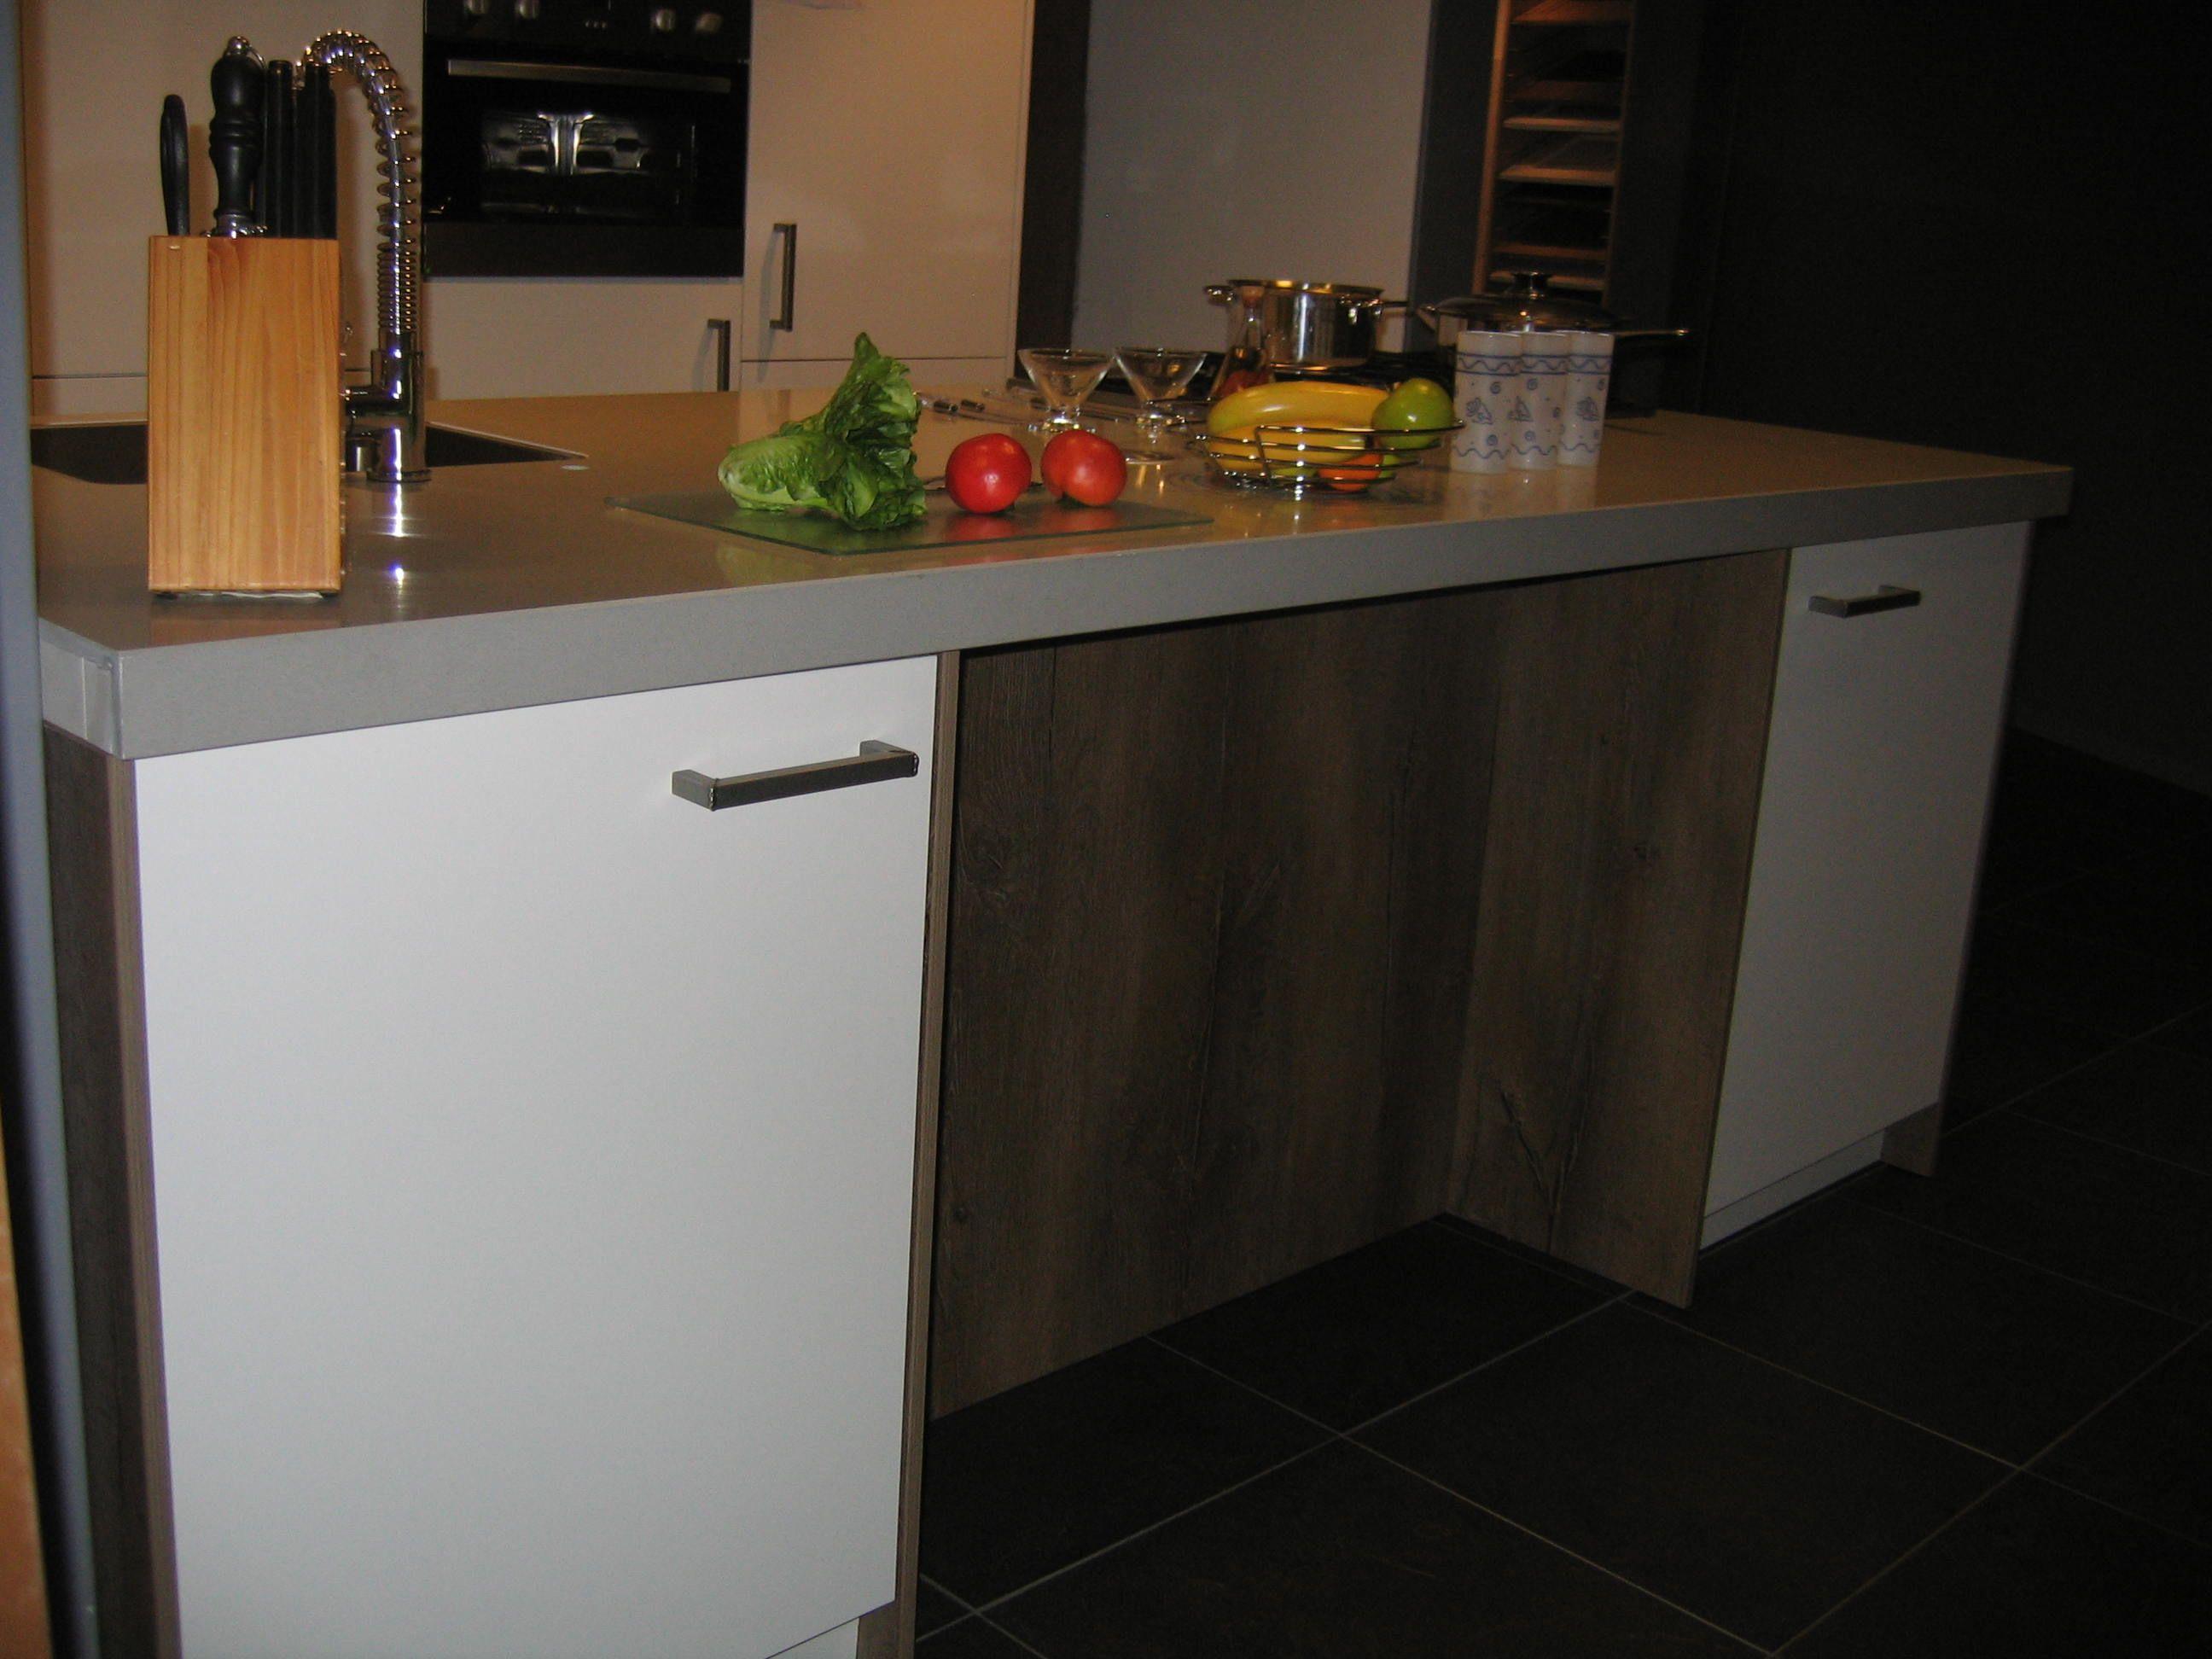 Keukens.nl3 modern rotpunkt eiland keuken [33572]